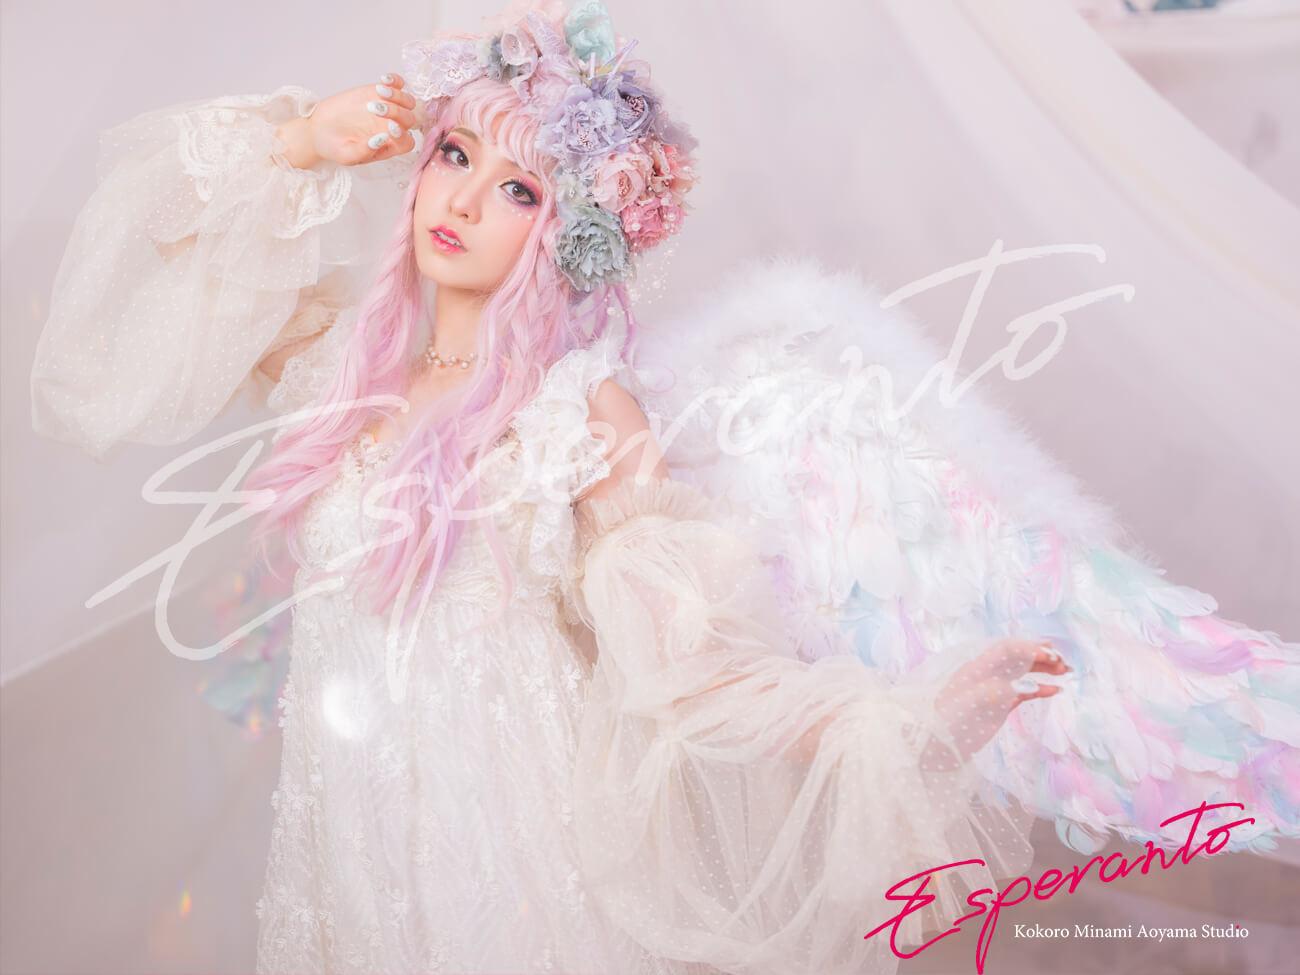 ドレス 天使 変身写真